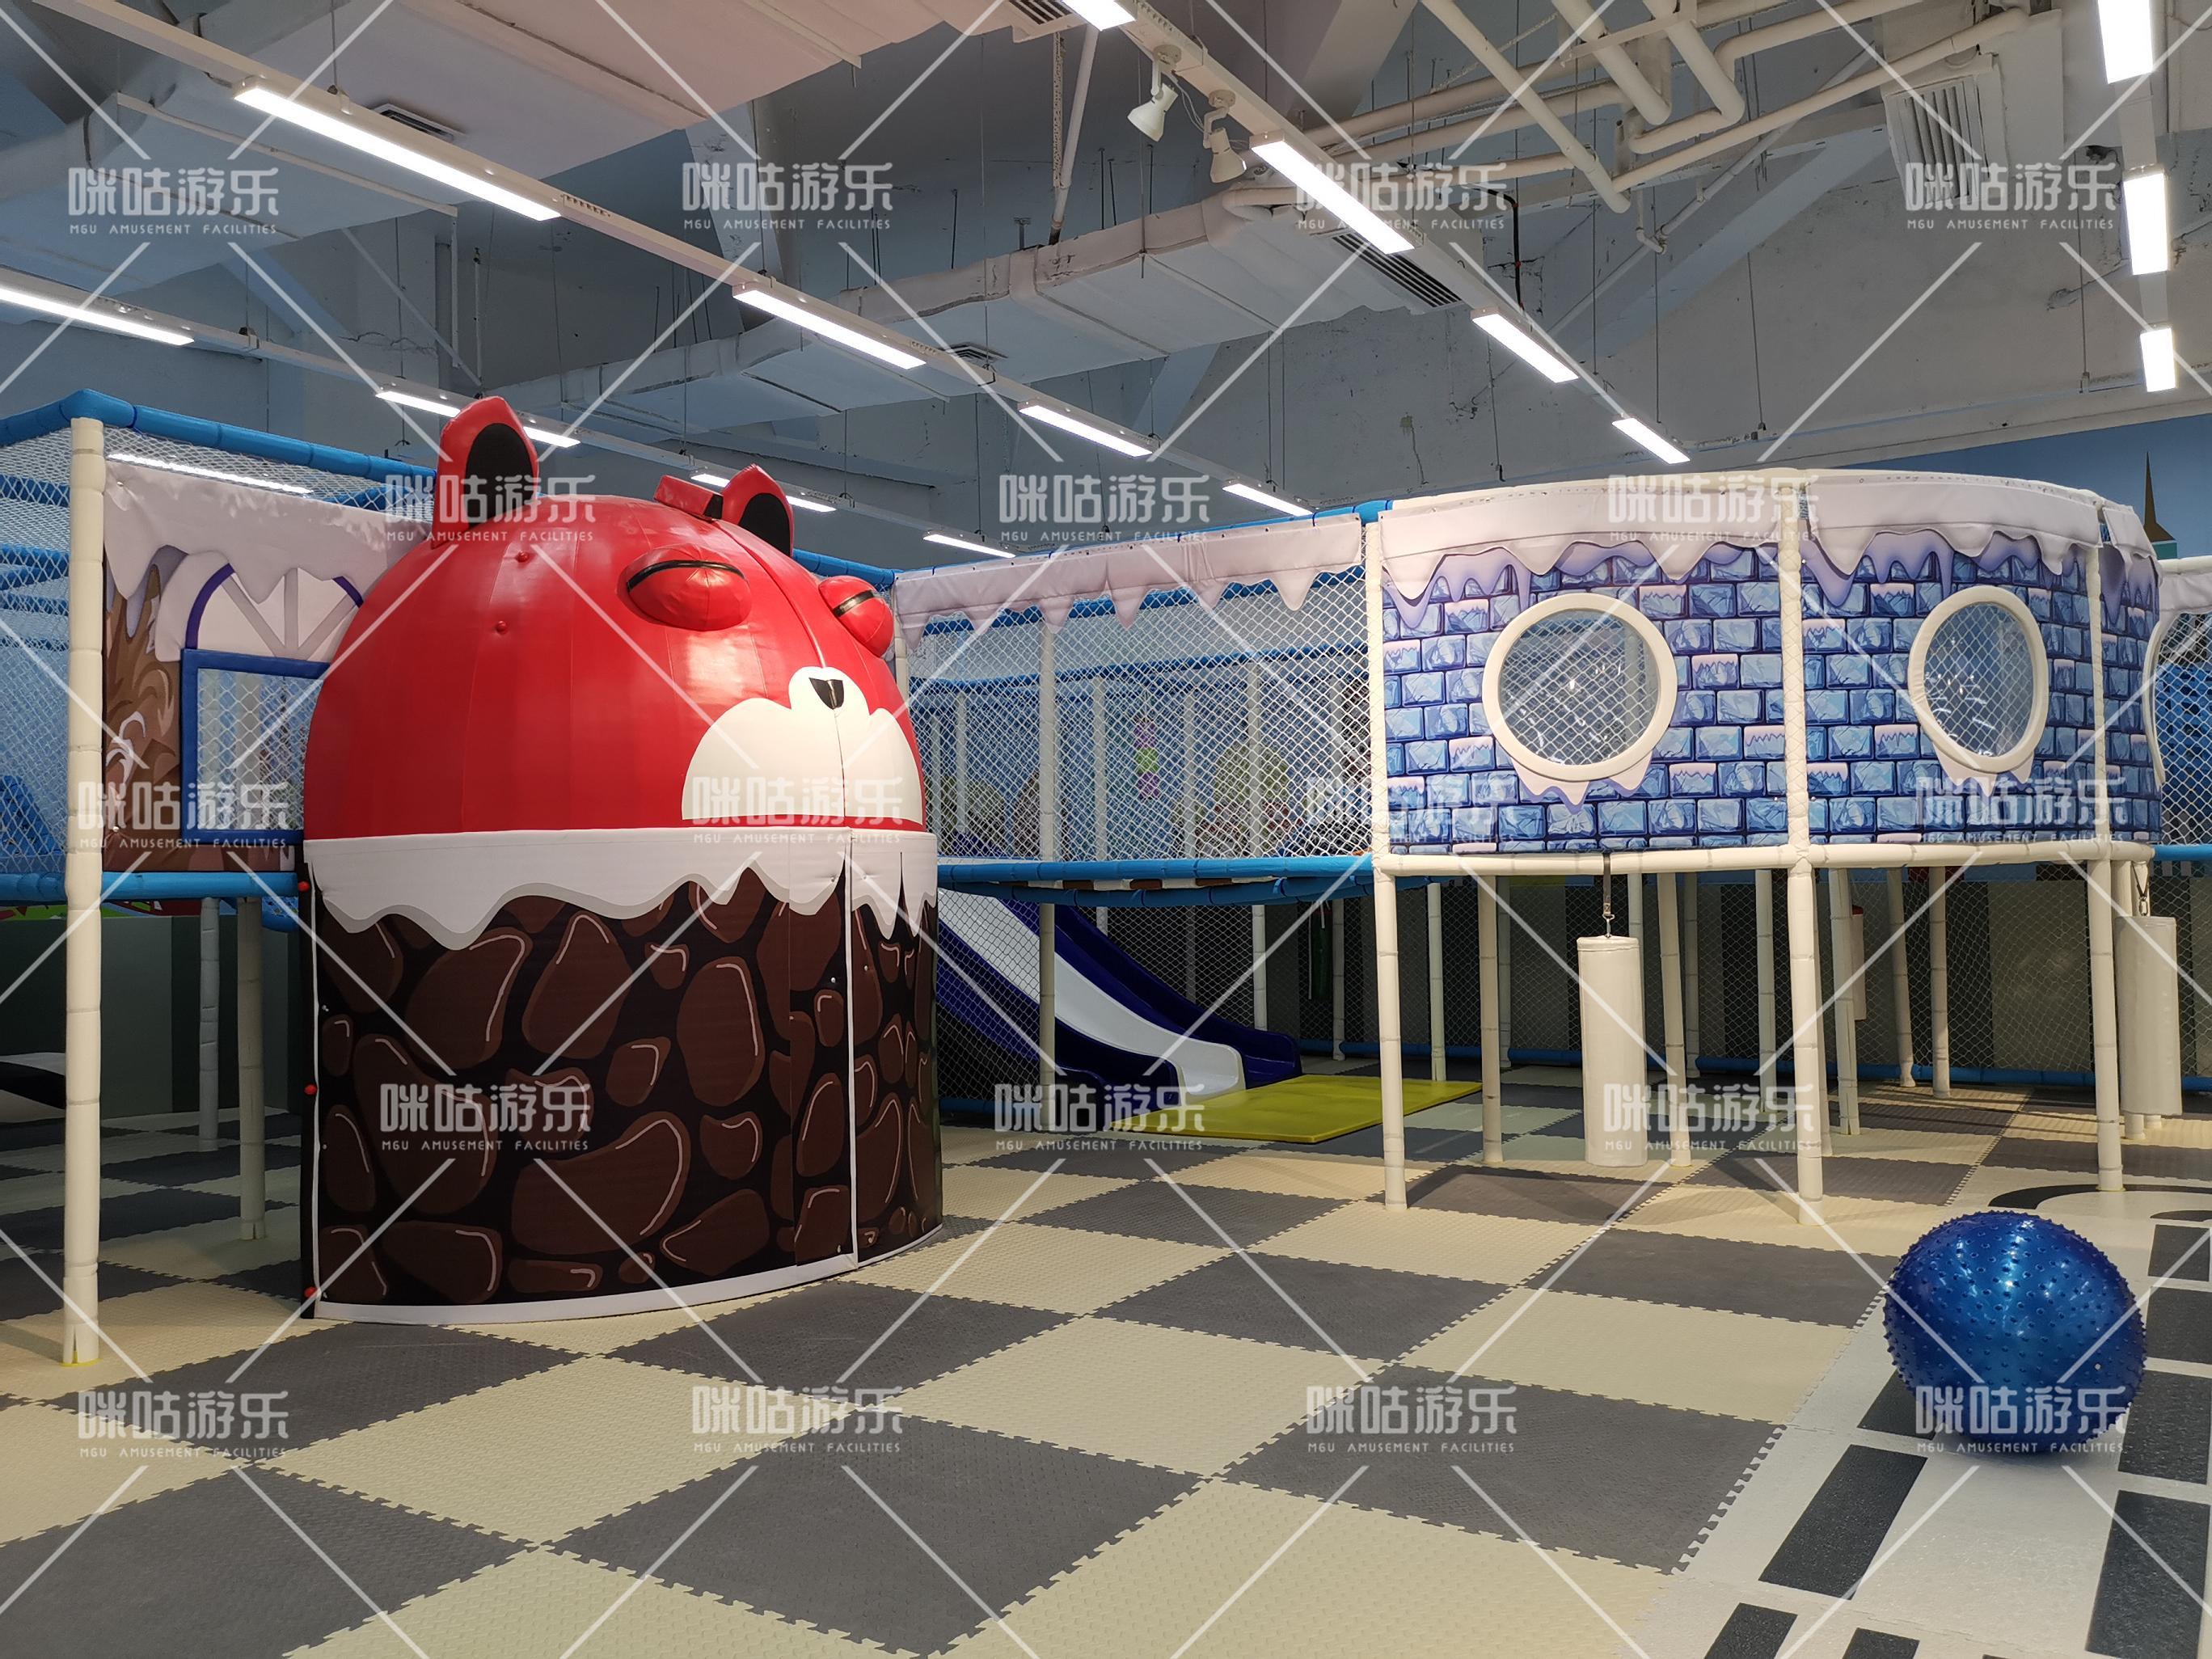 微信图片_20200429160038 - 副本 - 副本.jpg 定西儿童乐园生产厂家 加盟资讯 游乐设备第2张